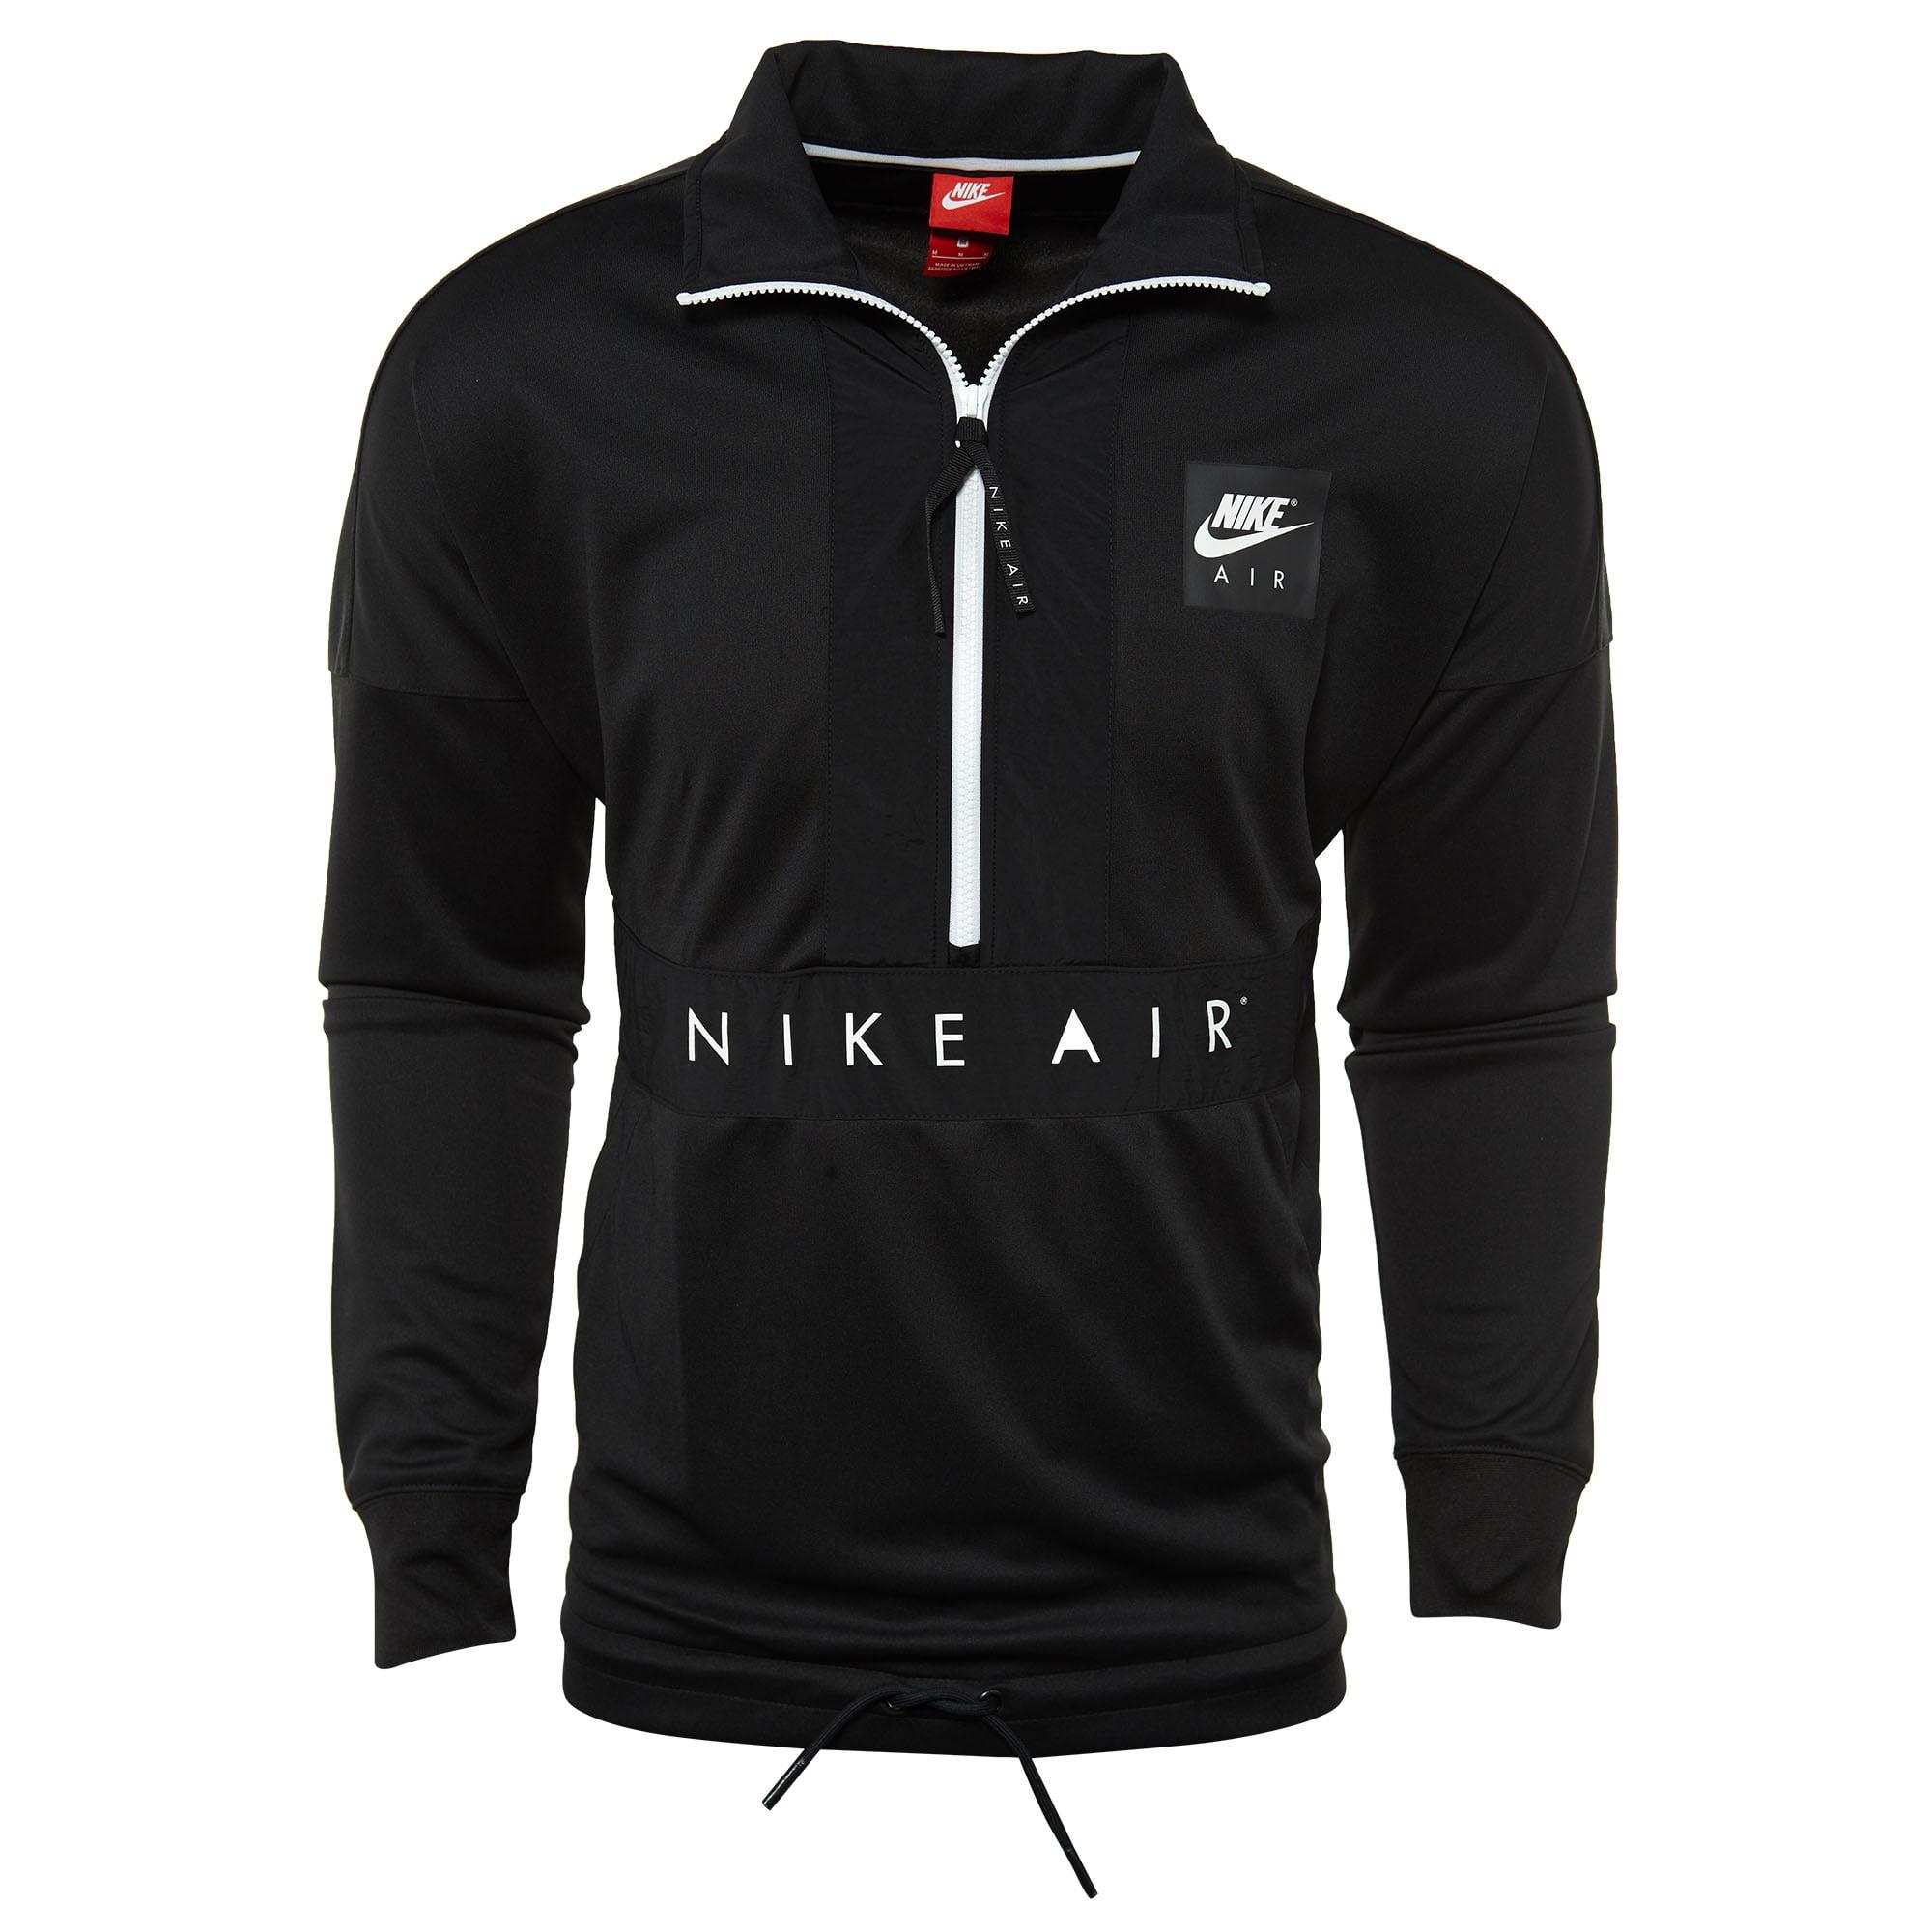 Nike Half‑zip Top Mens Style : 918324